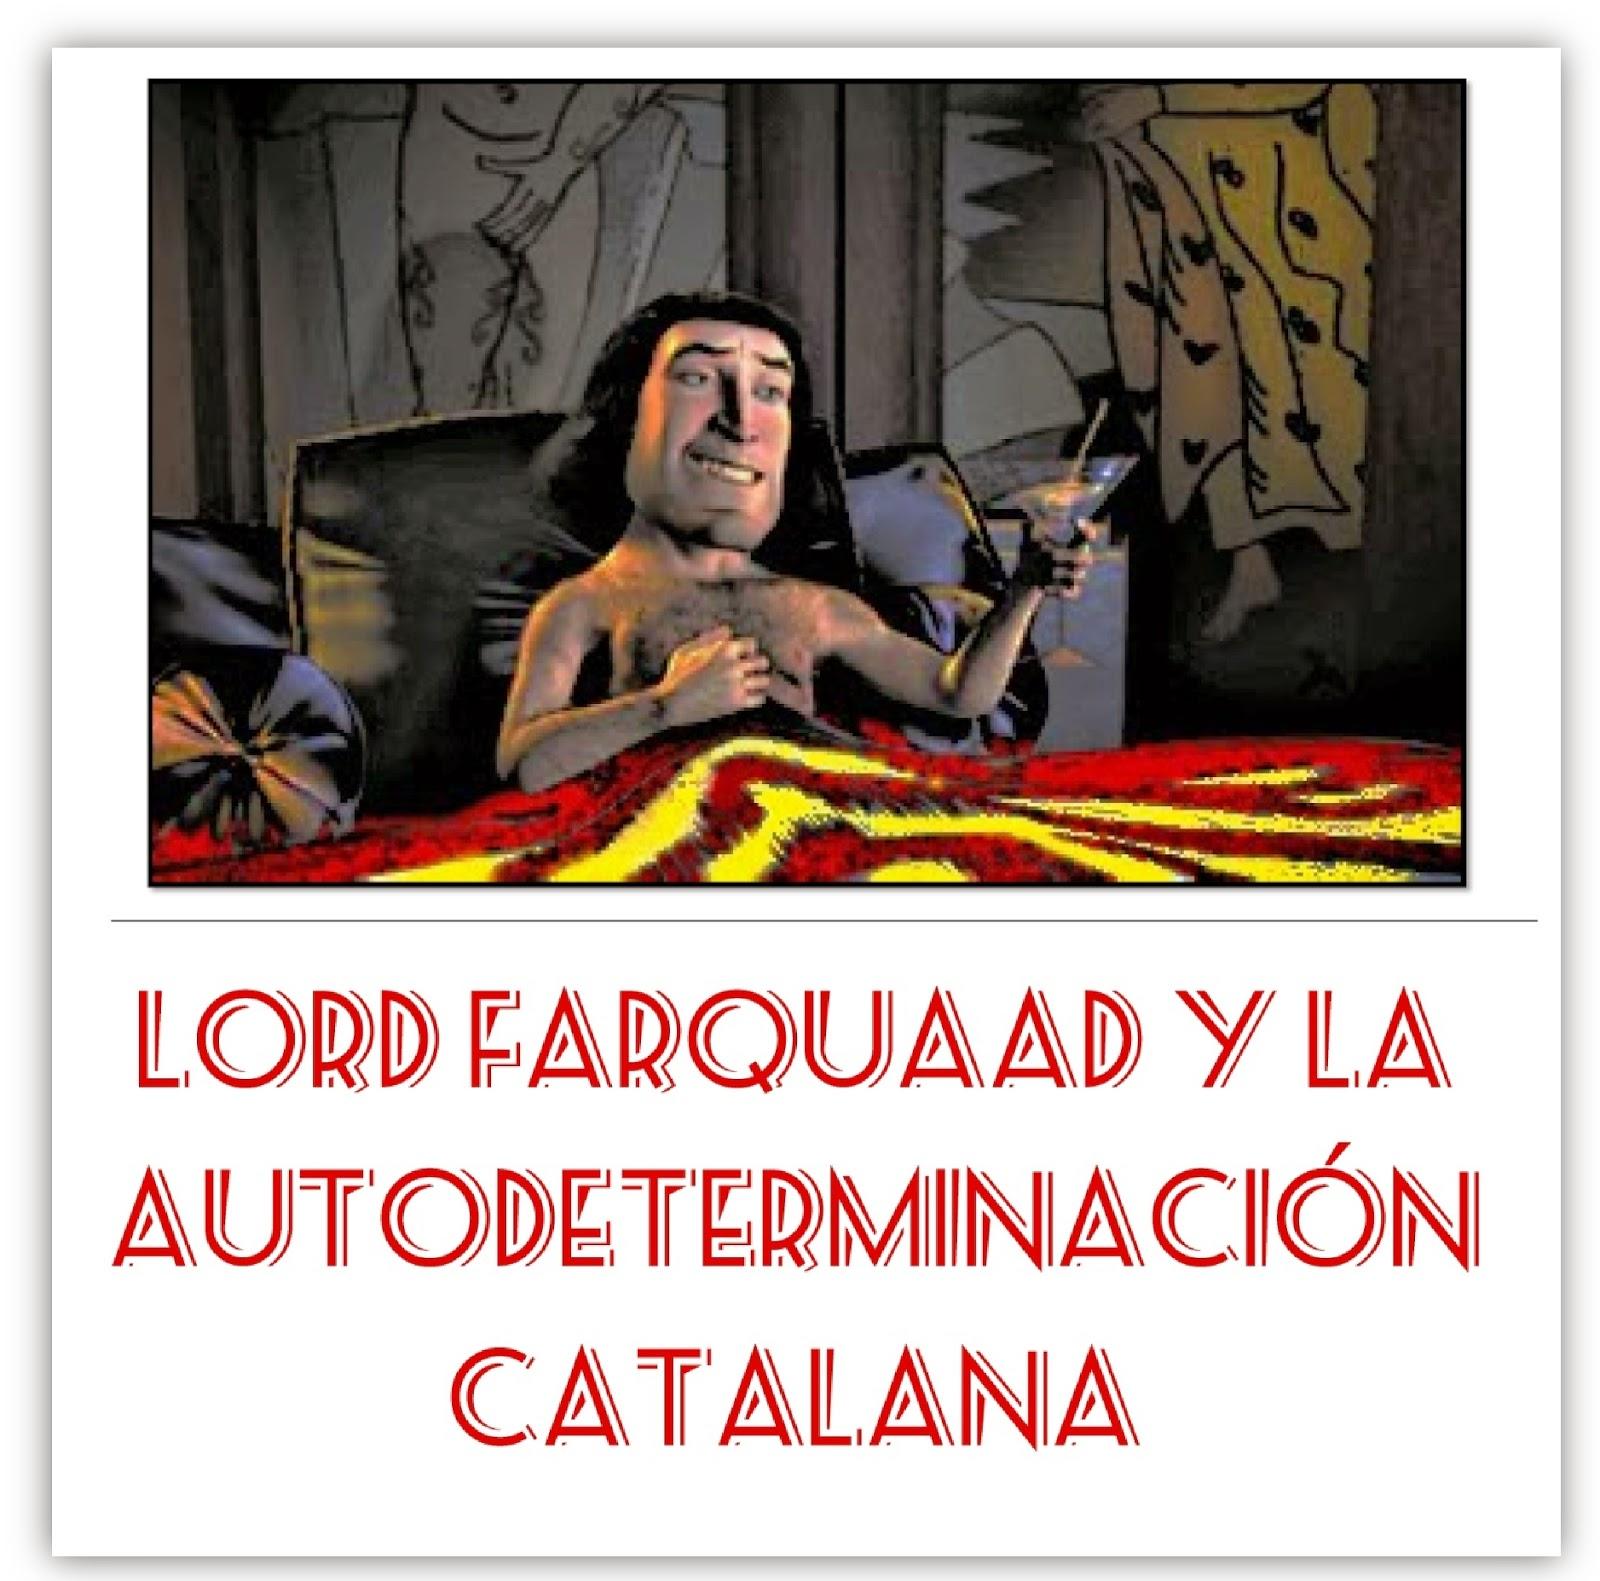 http://unalatadegalletas.blogspot.com.es/2014/01/lord-farquaad-y-la-autodeterminacion.html